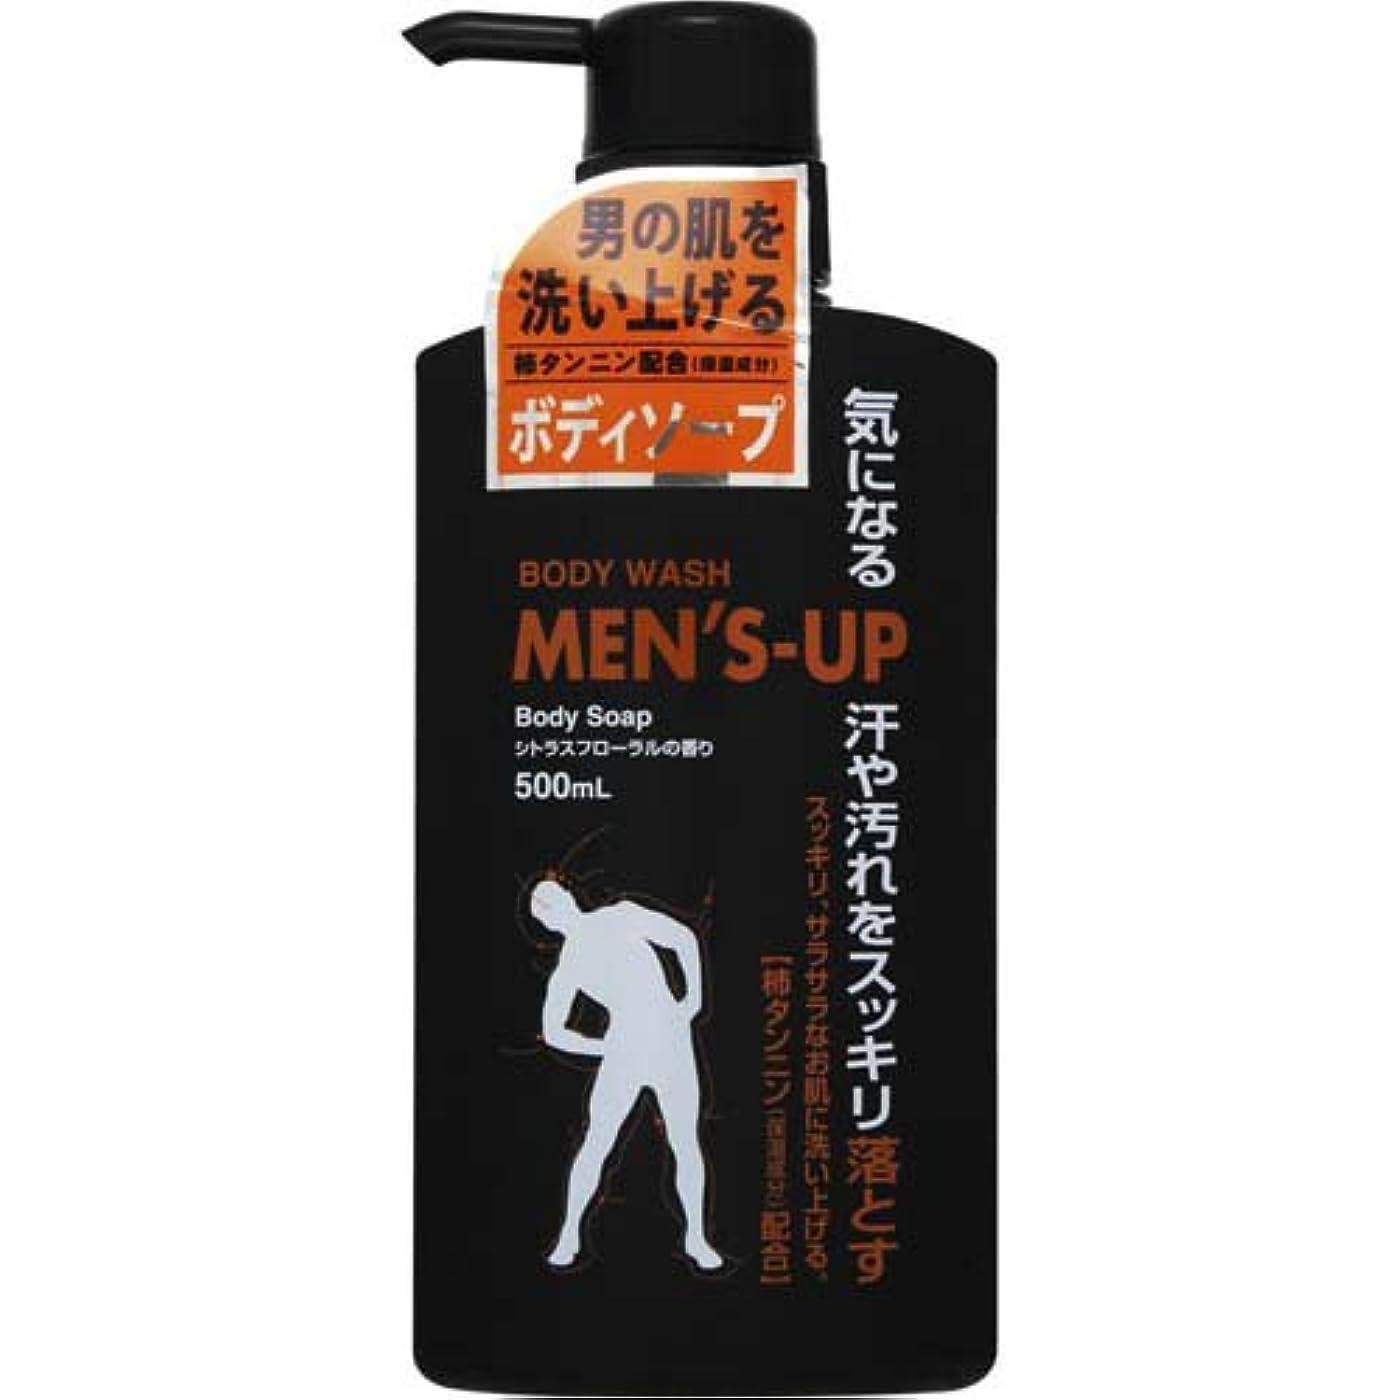 安全性できれば甥MEN'S-UP(メンズアップ) ボディーソープ 本体 500ml